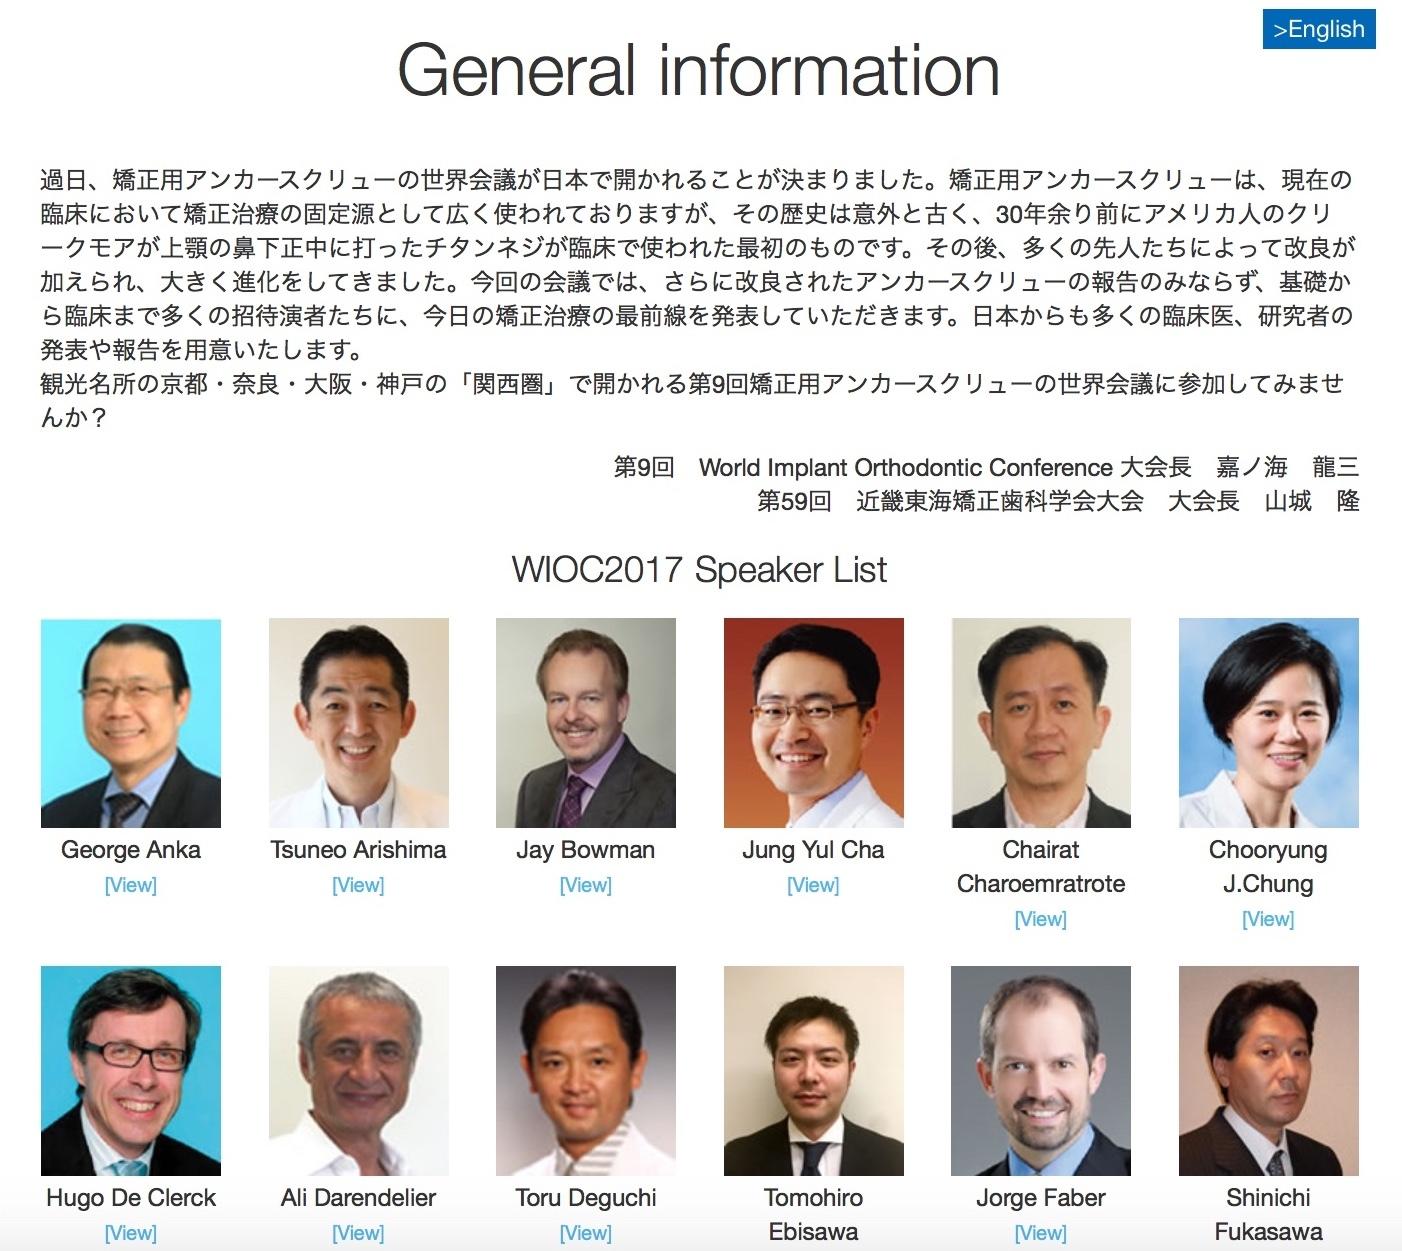 世界インプラント矯正歯科大会で講演と症例報告を行います_e0025661_08445963.jpeg